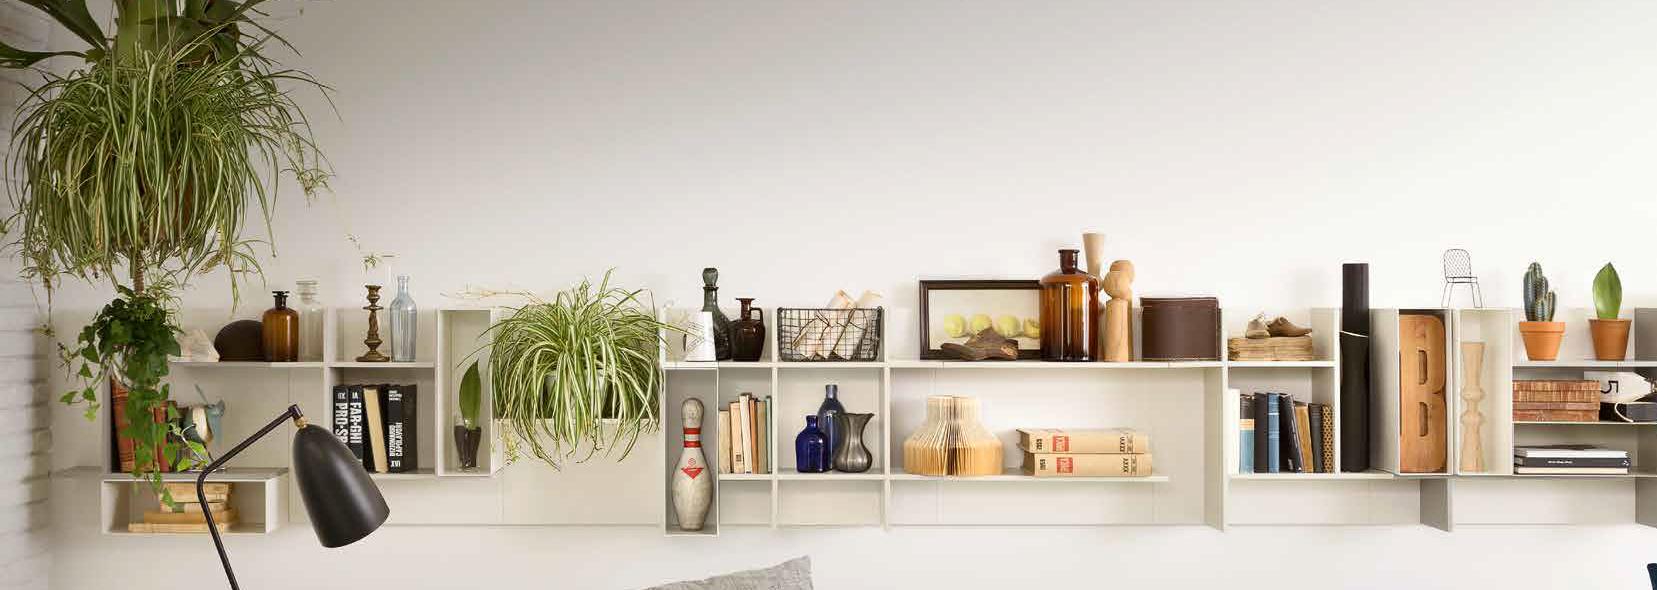 Arredamenti paciulli mobili classici e moderni for Arredamento completo berloni